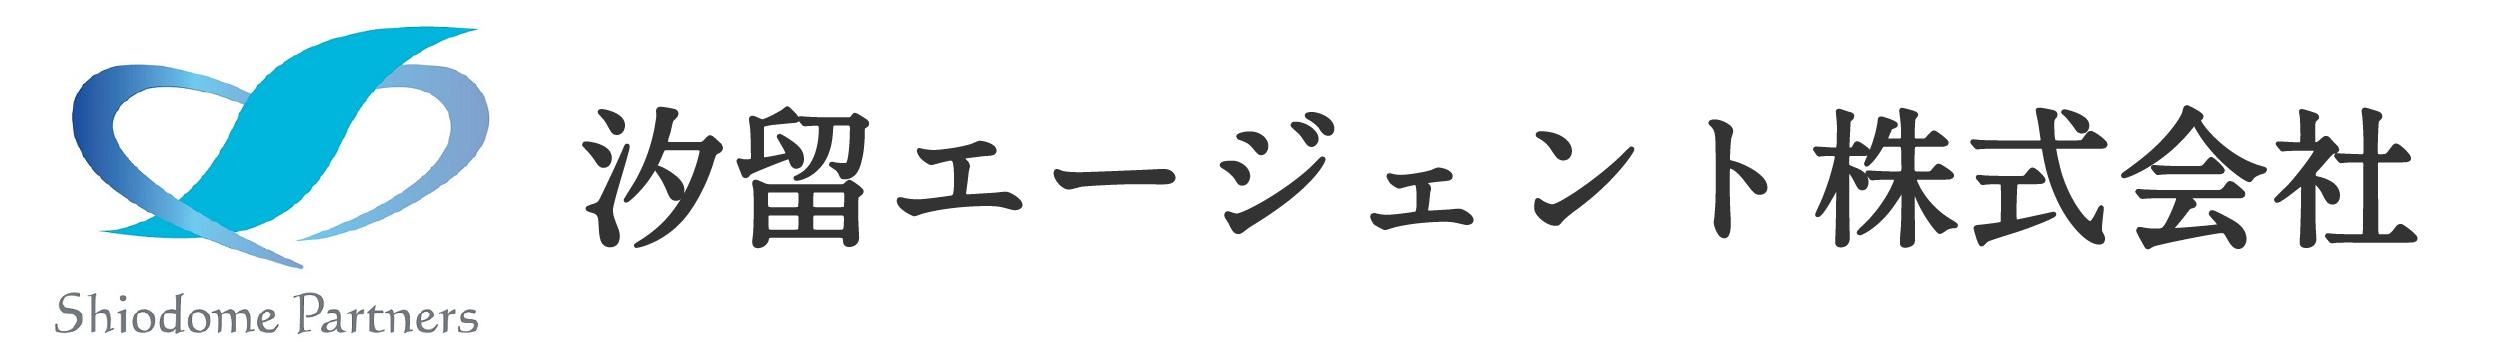 汐留エージェント株式会社